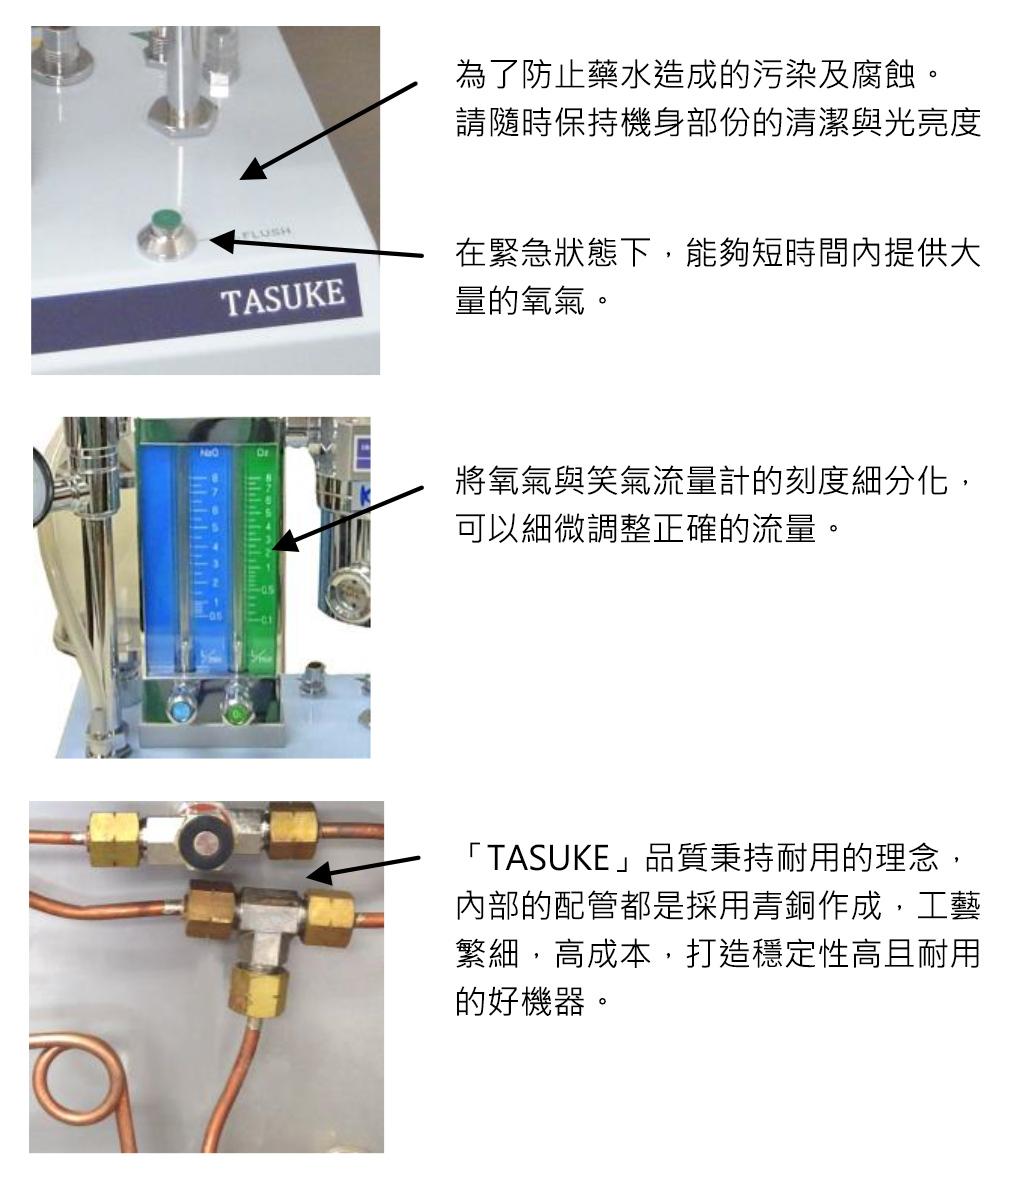 TASUKE-detail2